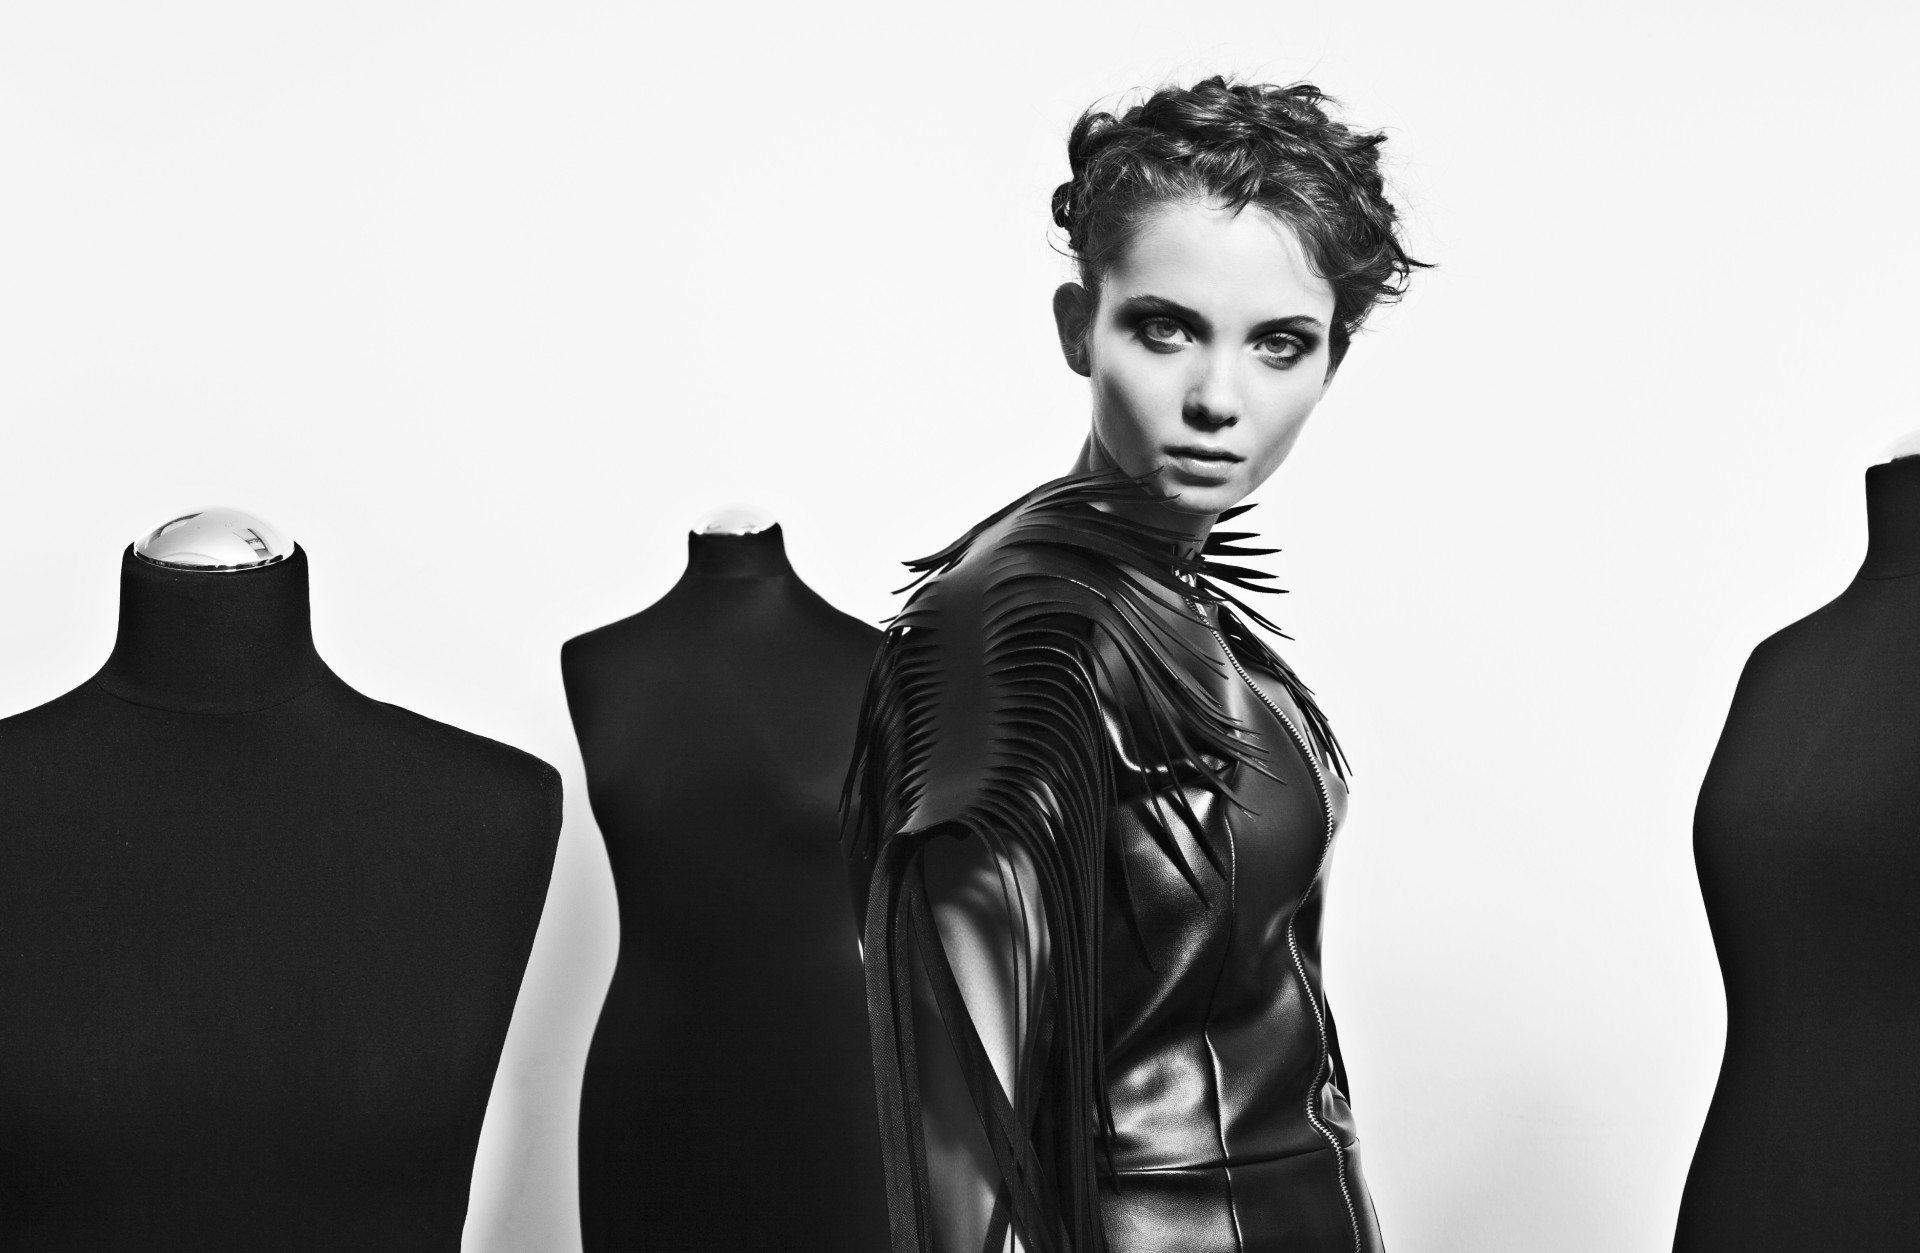 آموزش طراحی لباس، فرهنگ و هنر، طراحی دوخت، مد